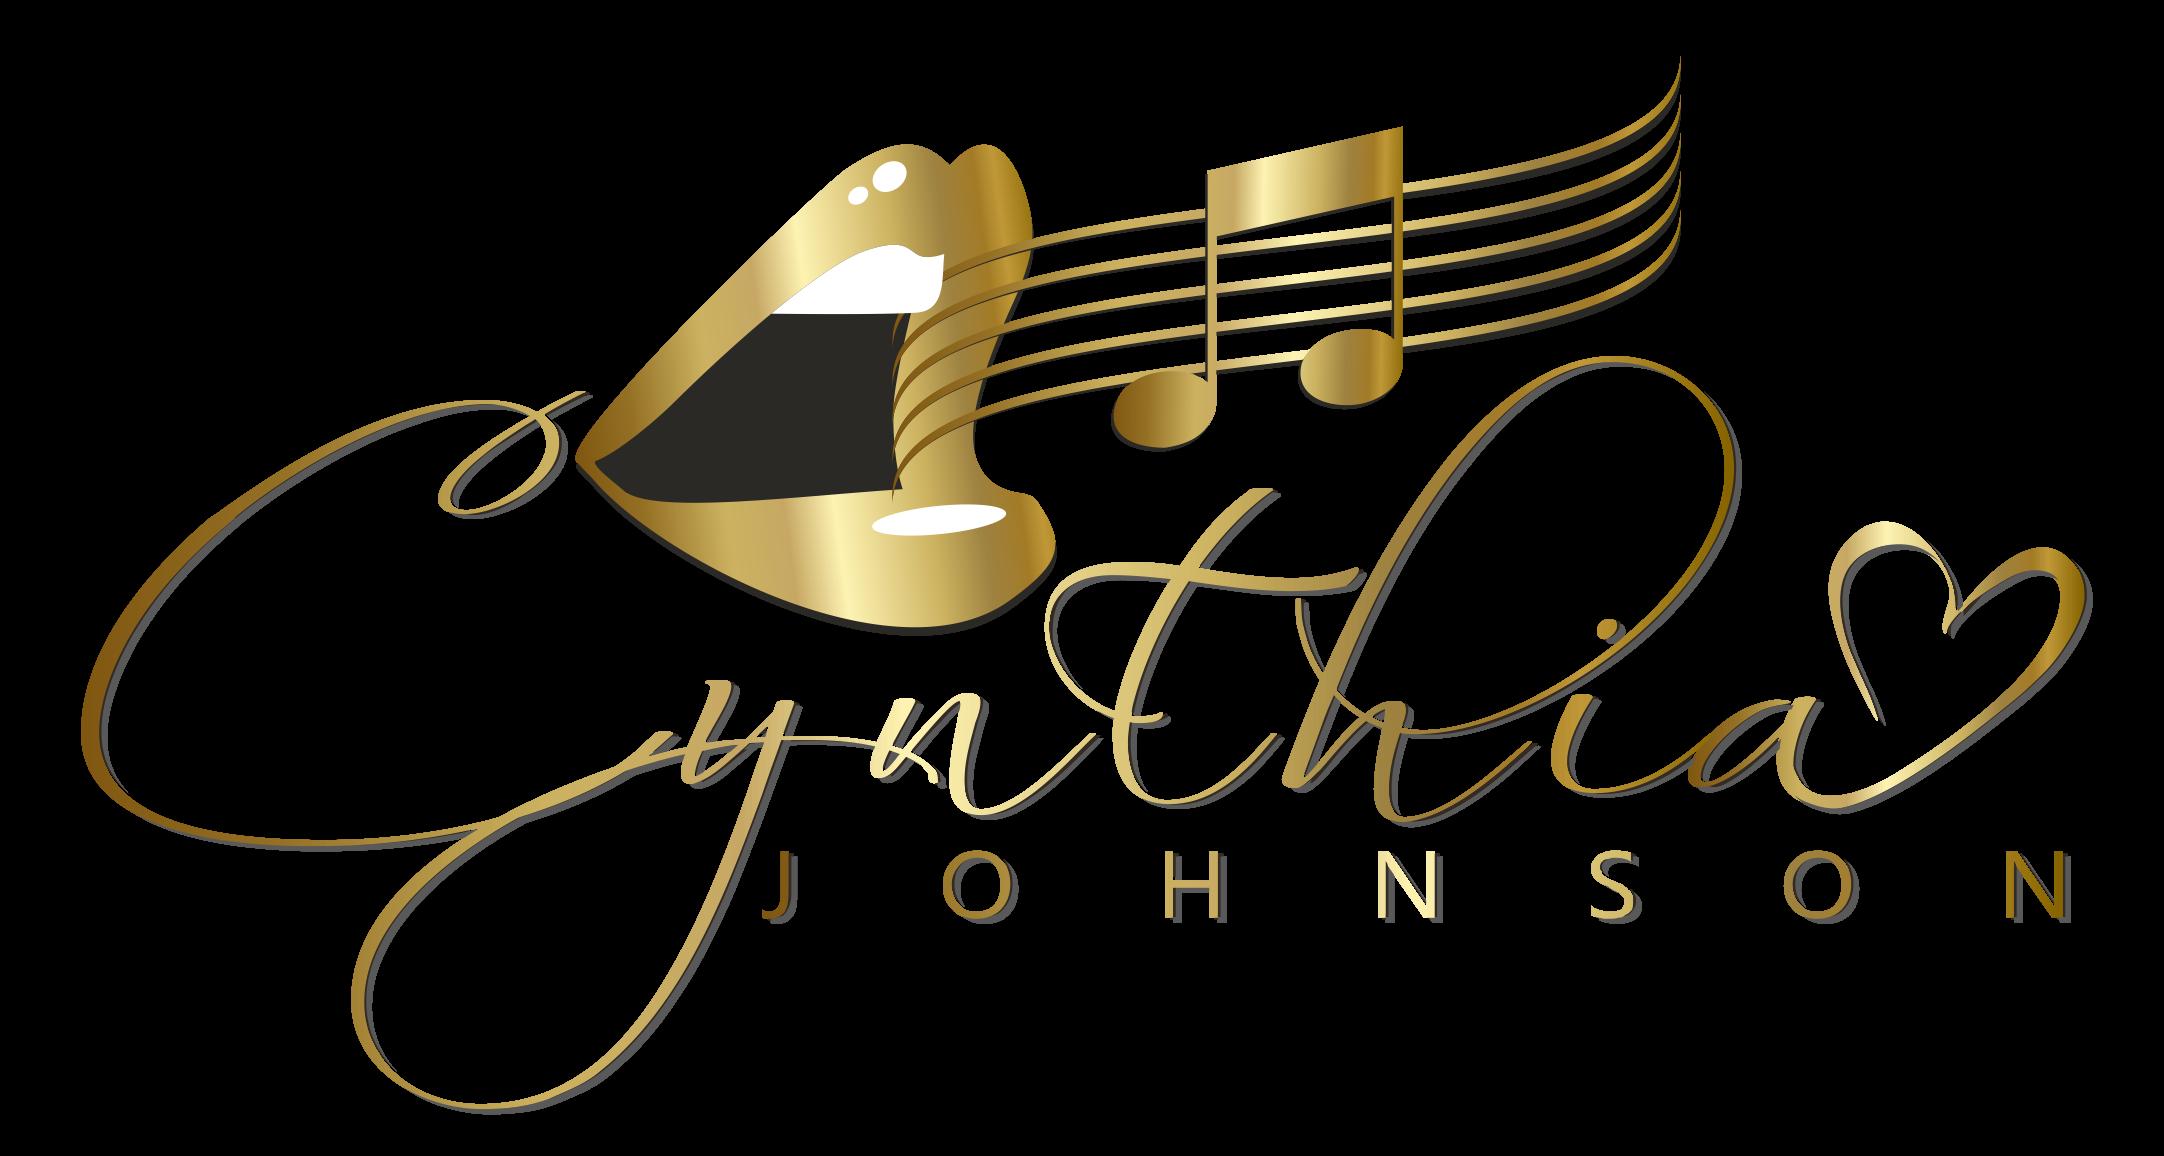 Cynthia Johnoson